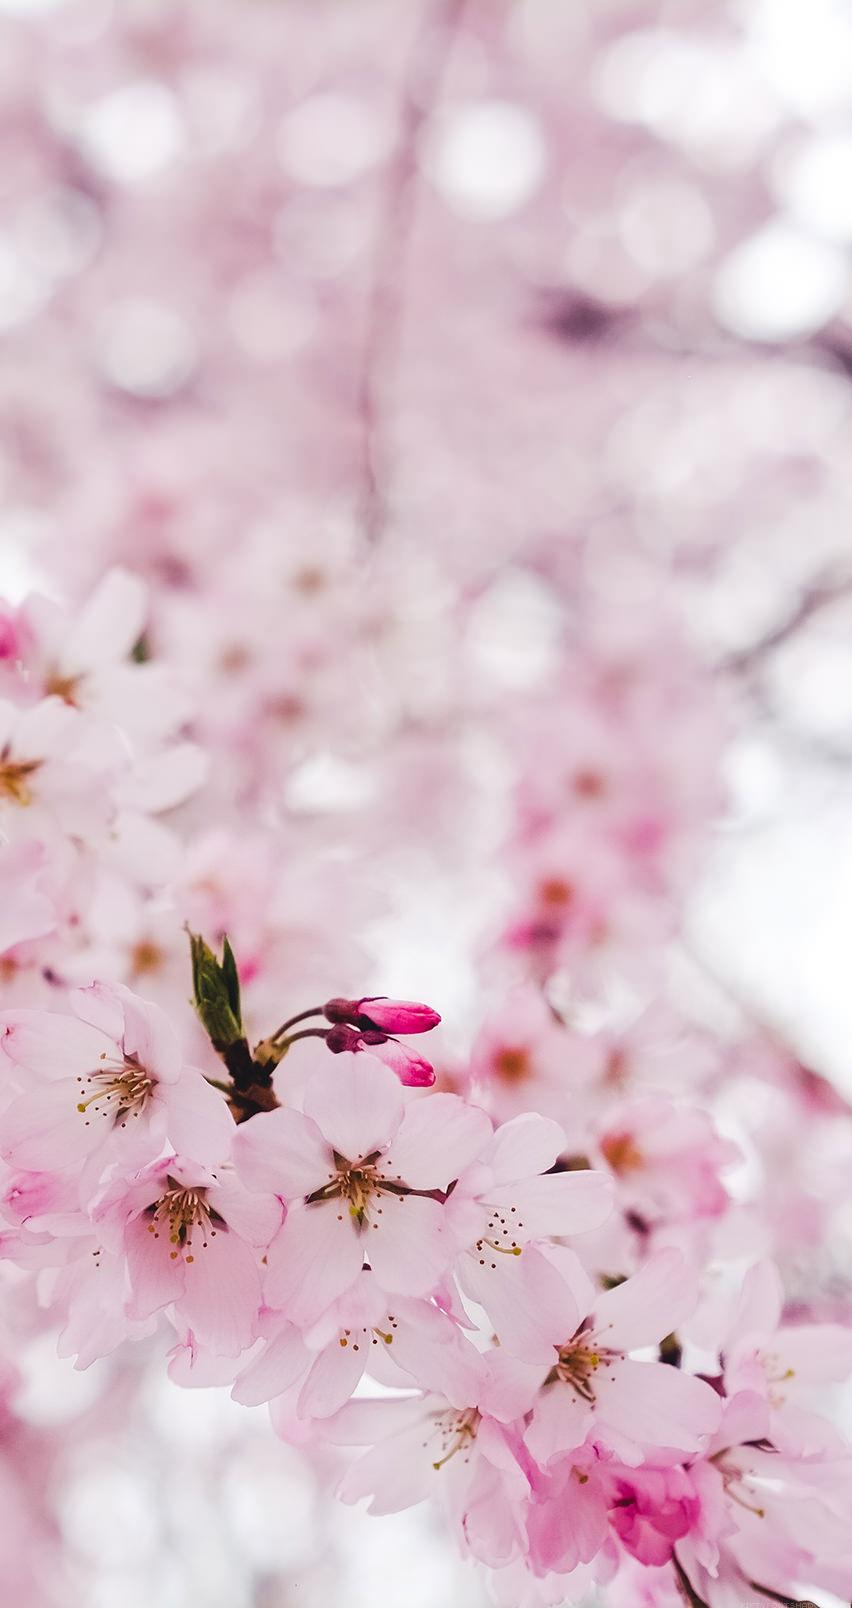 かわいいサクラの花 iPhone6壁紙